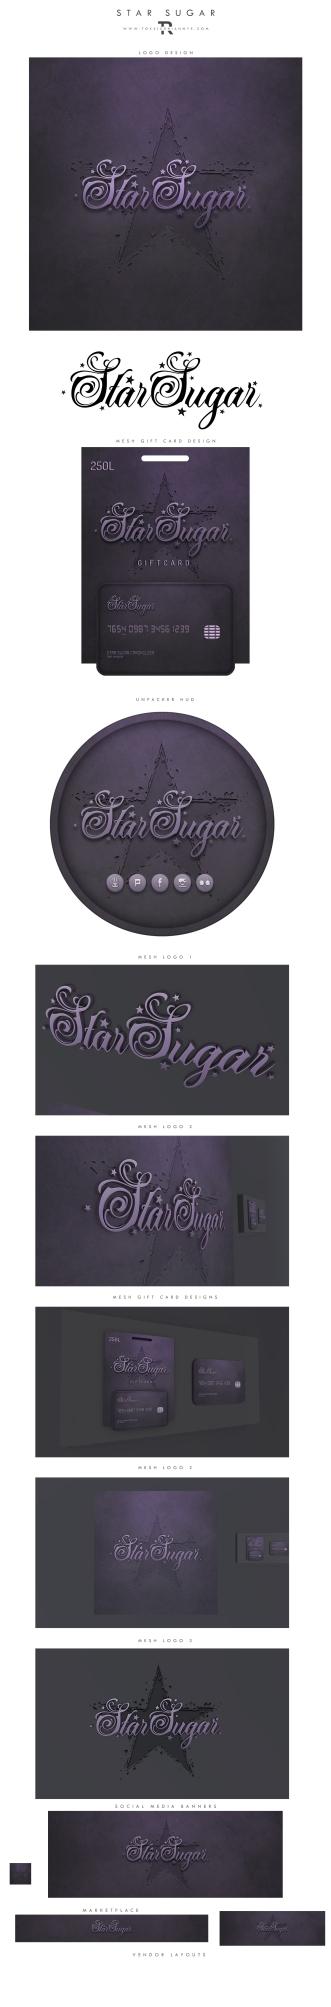 starsugar